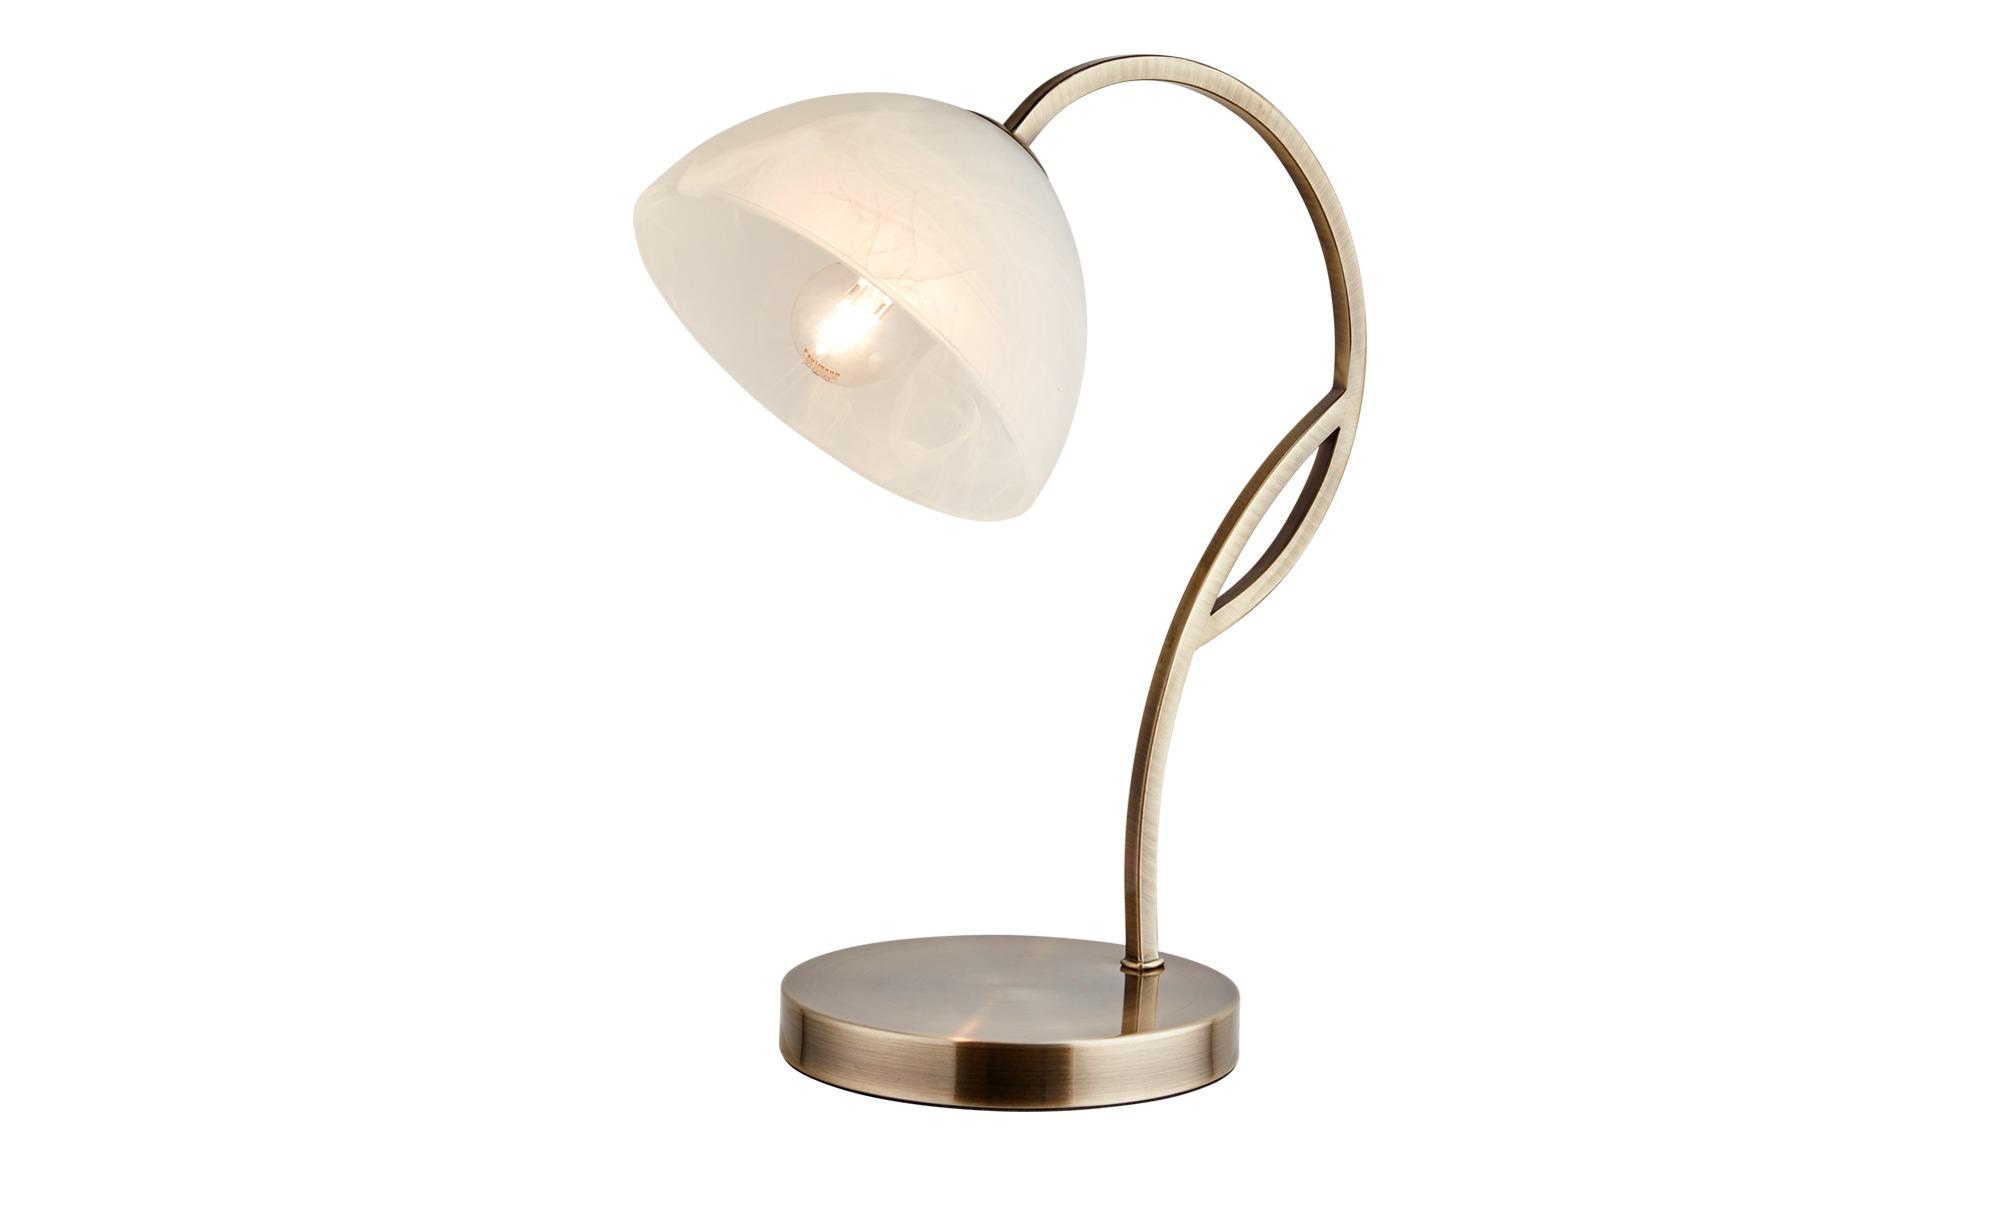 Tischleuchte, 1-flammig, altmessing, Glas alabaster ¦ gold ¦ Maße (cm): H: 37 Lampen & Leuchten > Innenleuchten > Tischlampen - Höffner